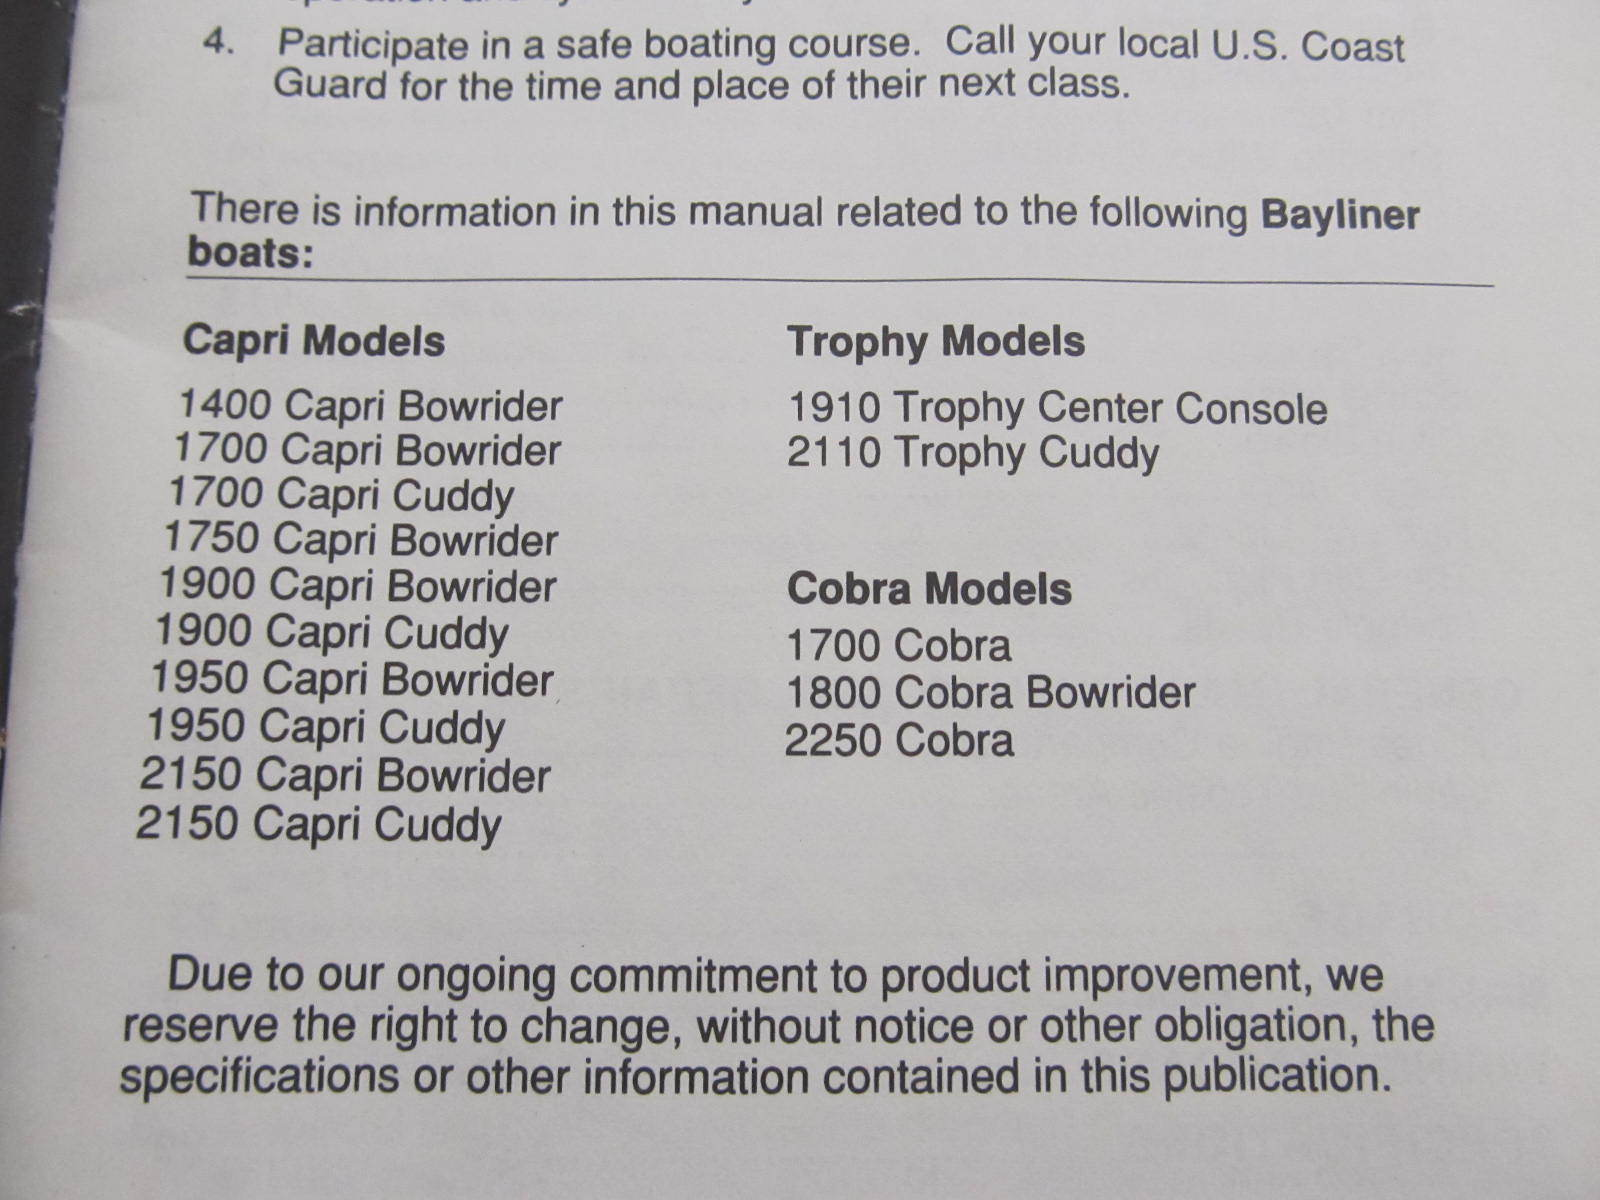 22067 bayliner capri cobra trophy boat owner s manual green bay rh greenbayprop com Bayliner Trophy 1802 Bayliner Bass Trophy Windshield